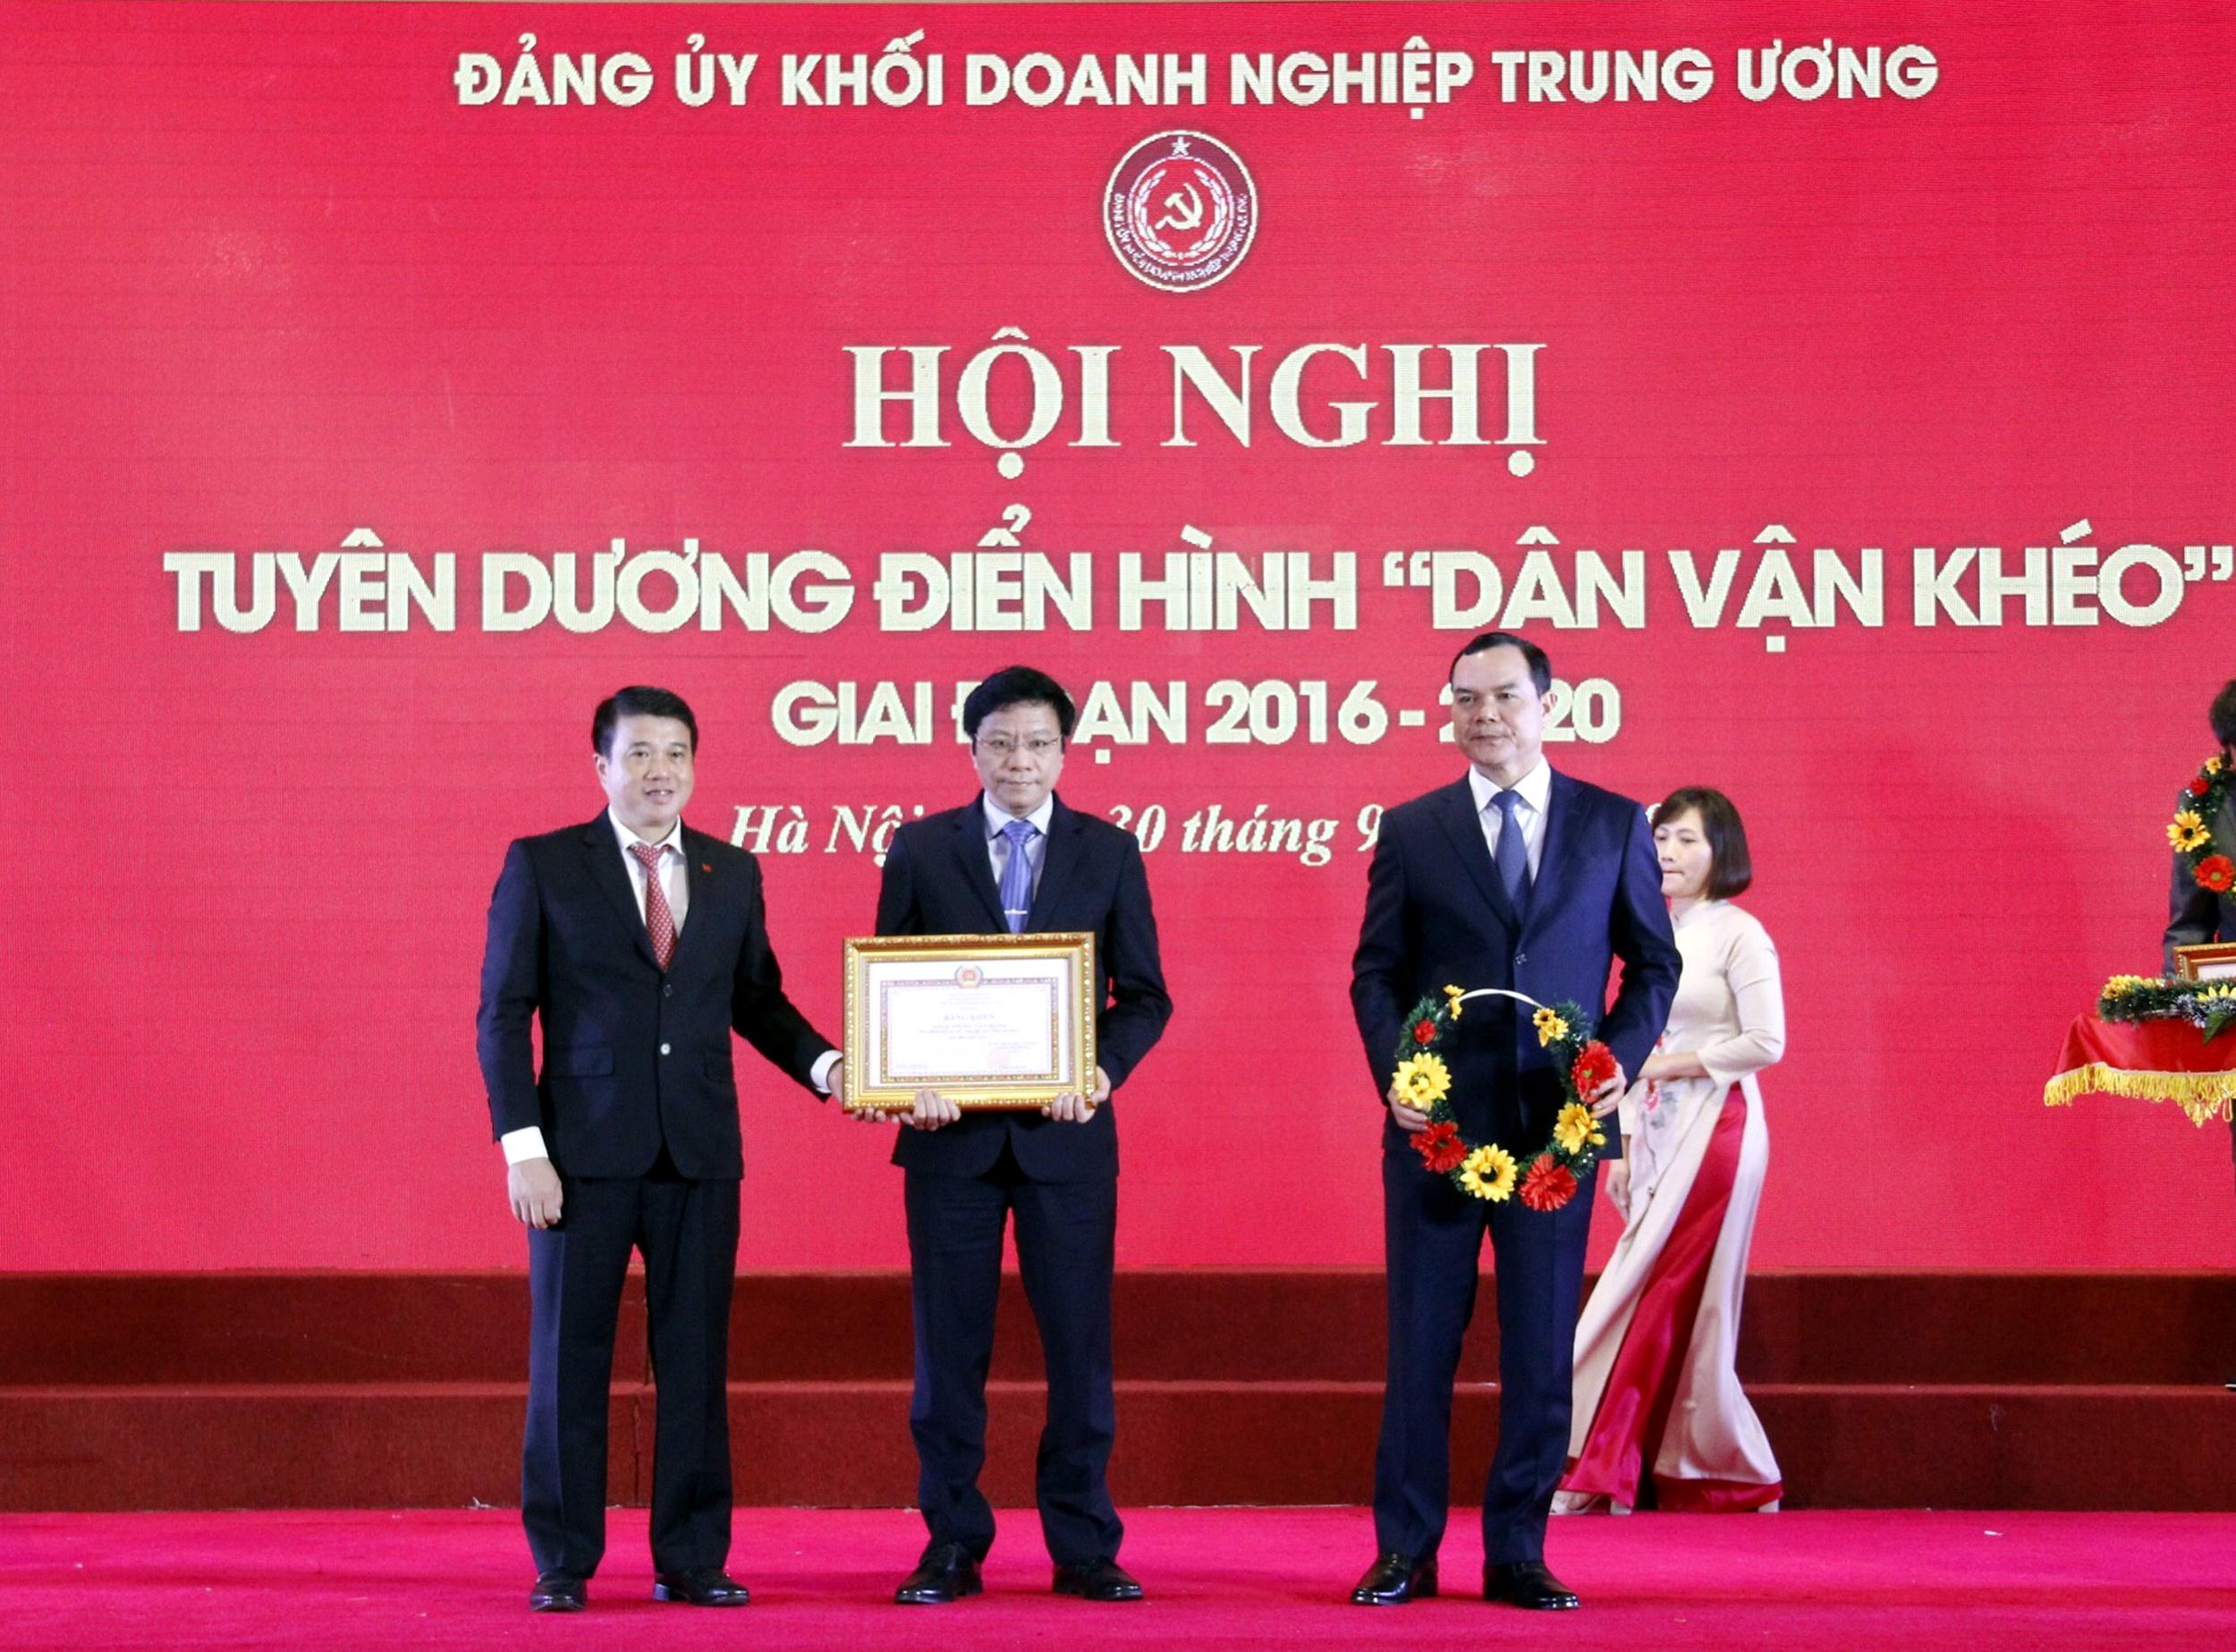 Đồng chí Phó Bí thư Trần Đức Sơn nhận khen thưởng Đảng bộ PV GAS do Đảng ủy Khối Doanh nghiệp Trung ương trao tặng